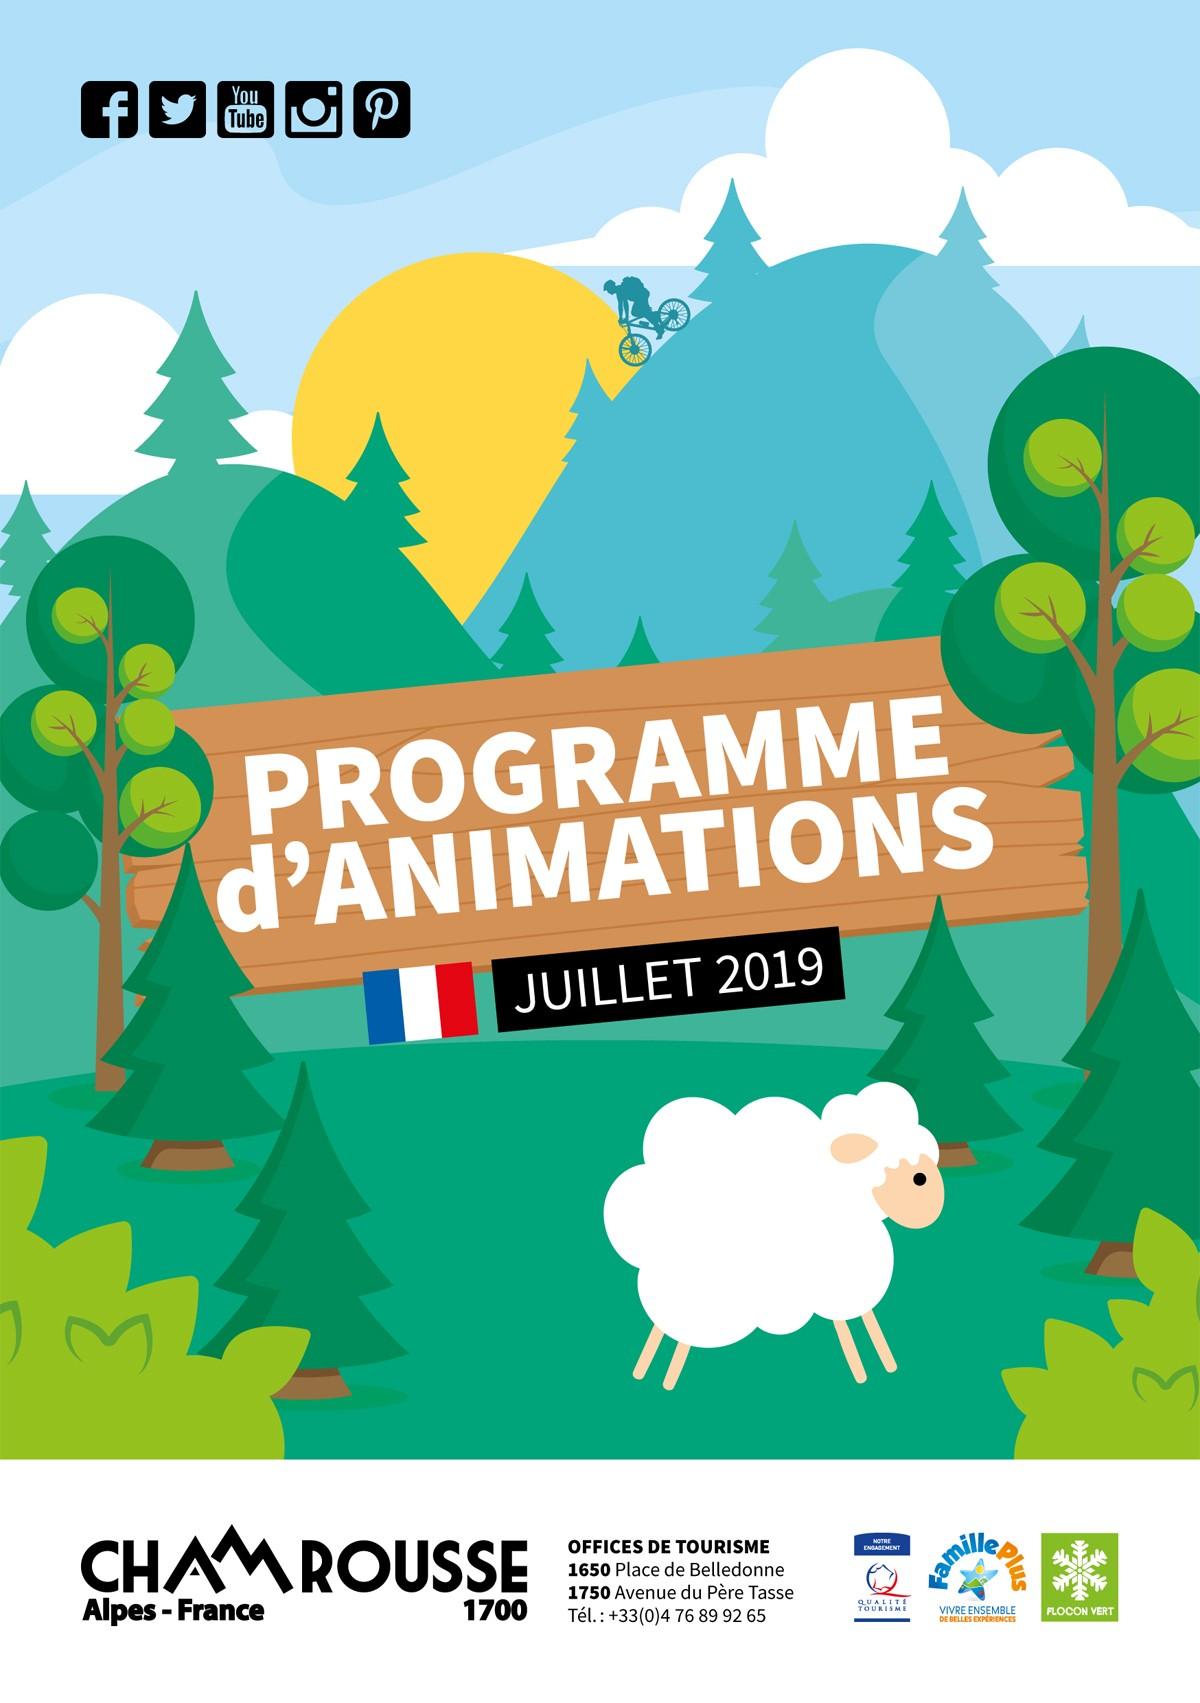 chamrousse programme animations juillet 2019 station montagne été isère alpes france